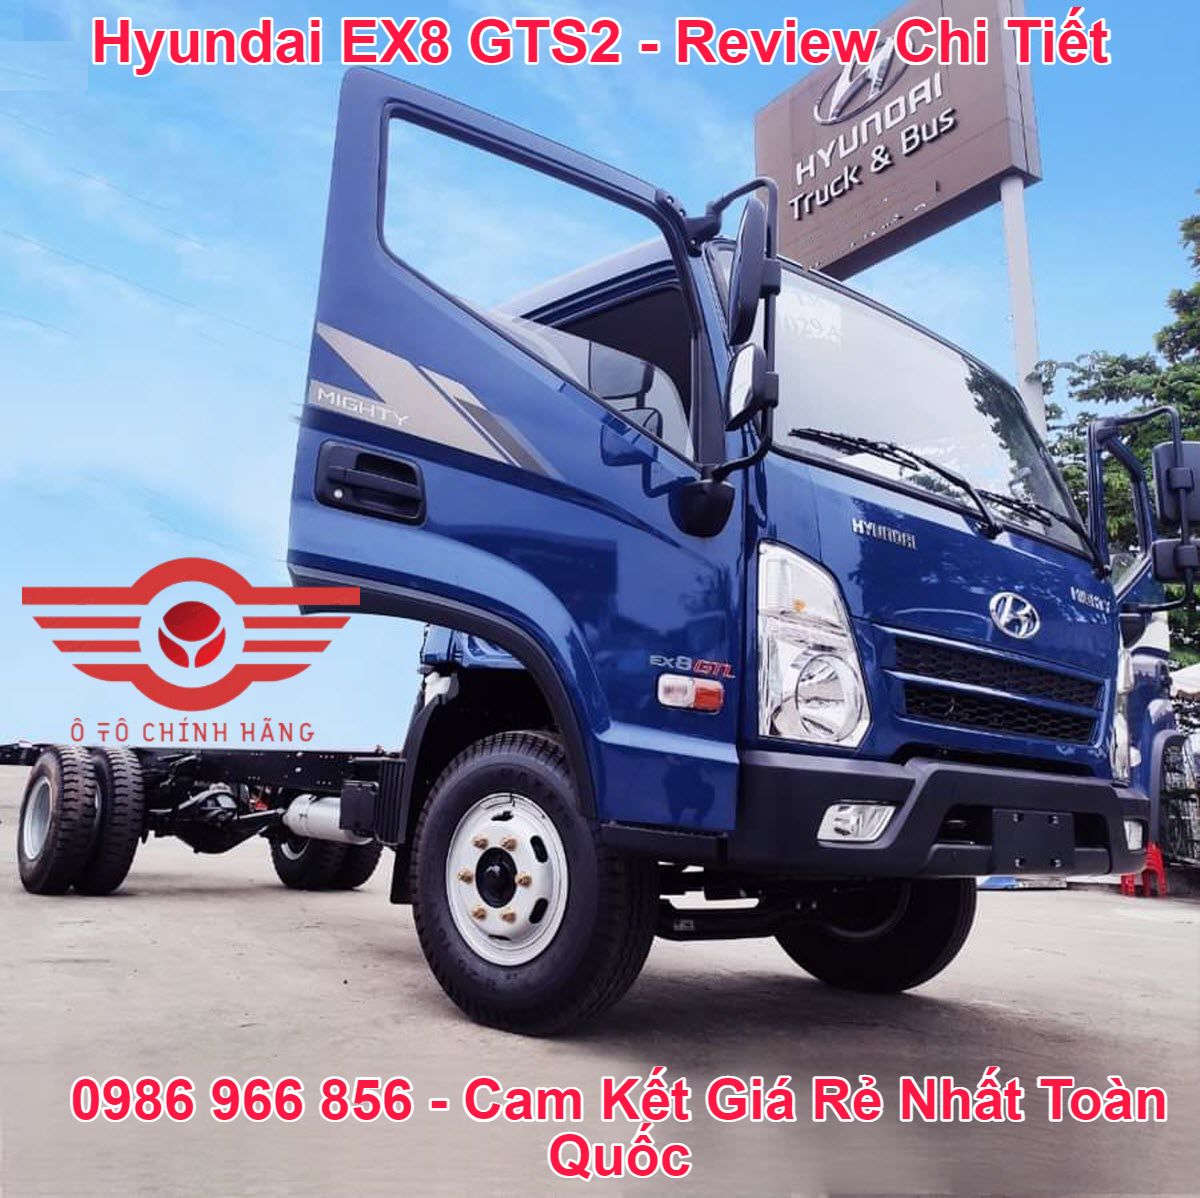 Báo giá xe tải Hyundai EX8 GTS2